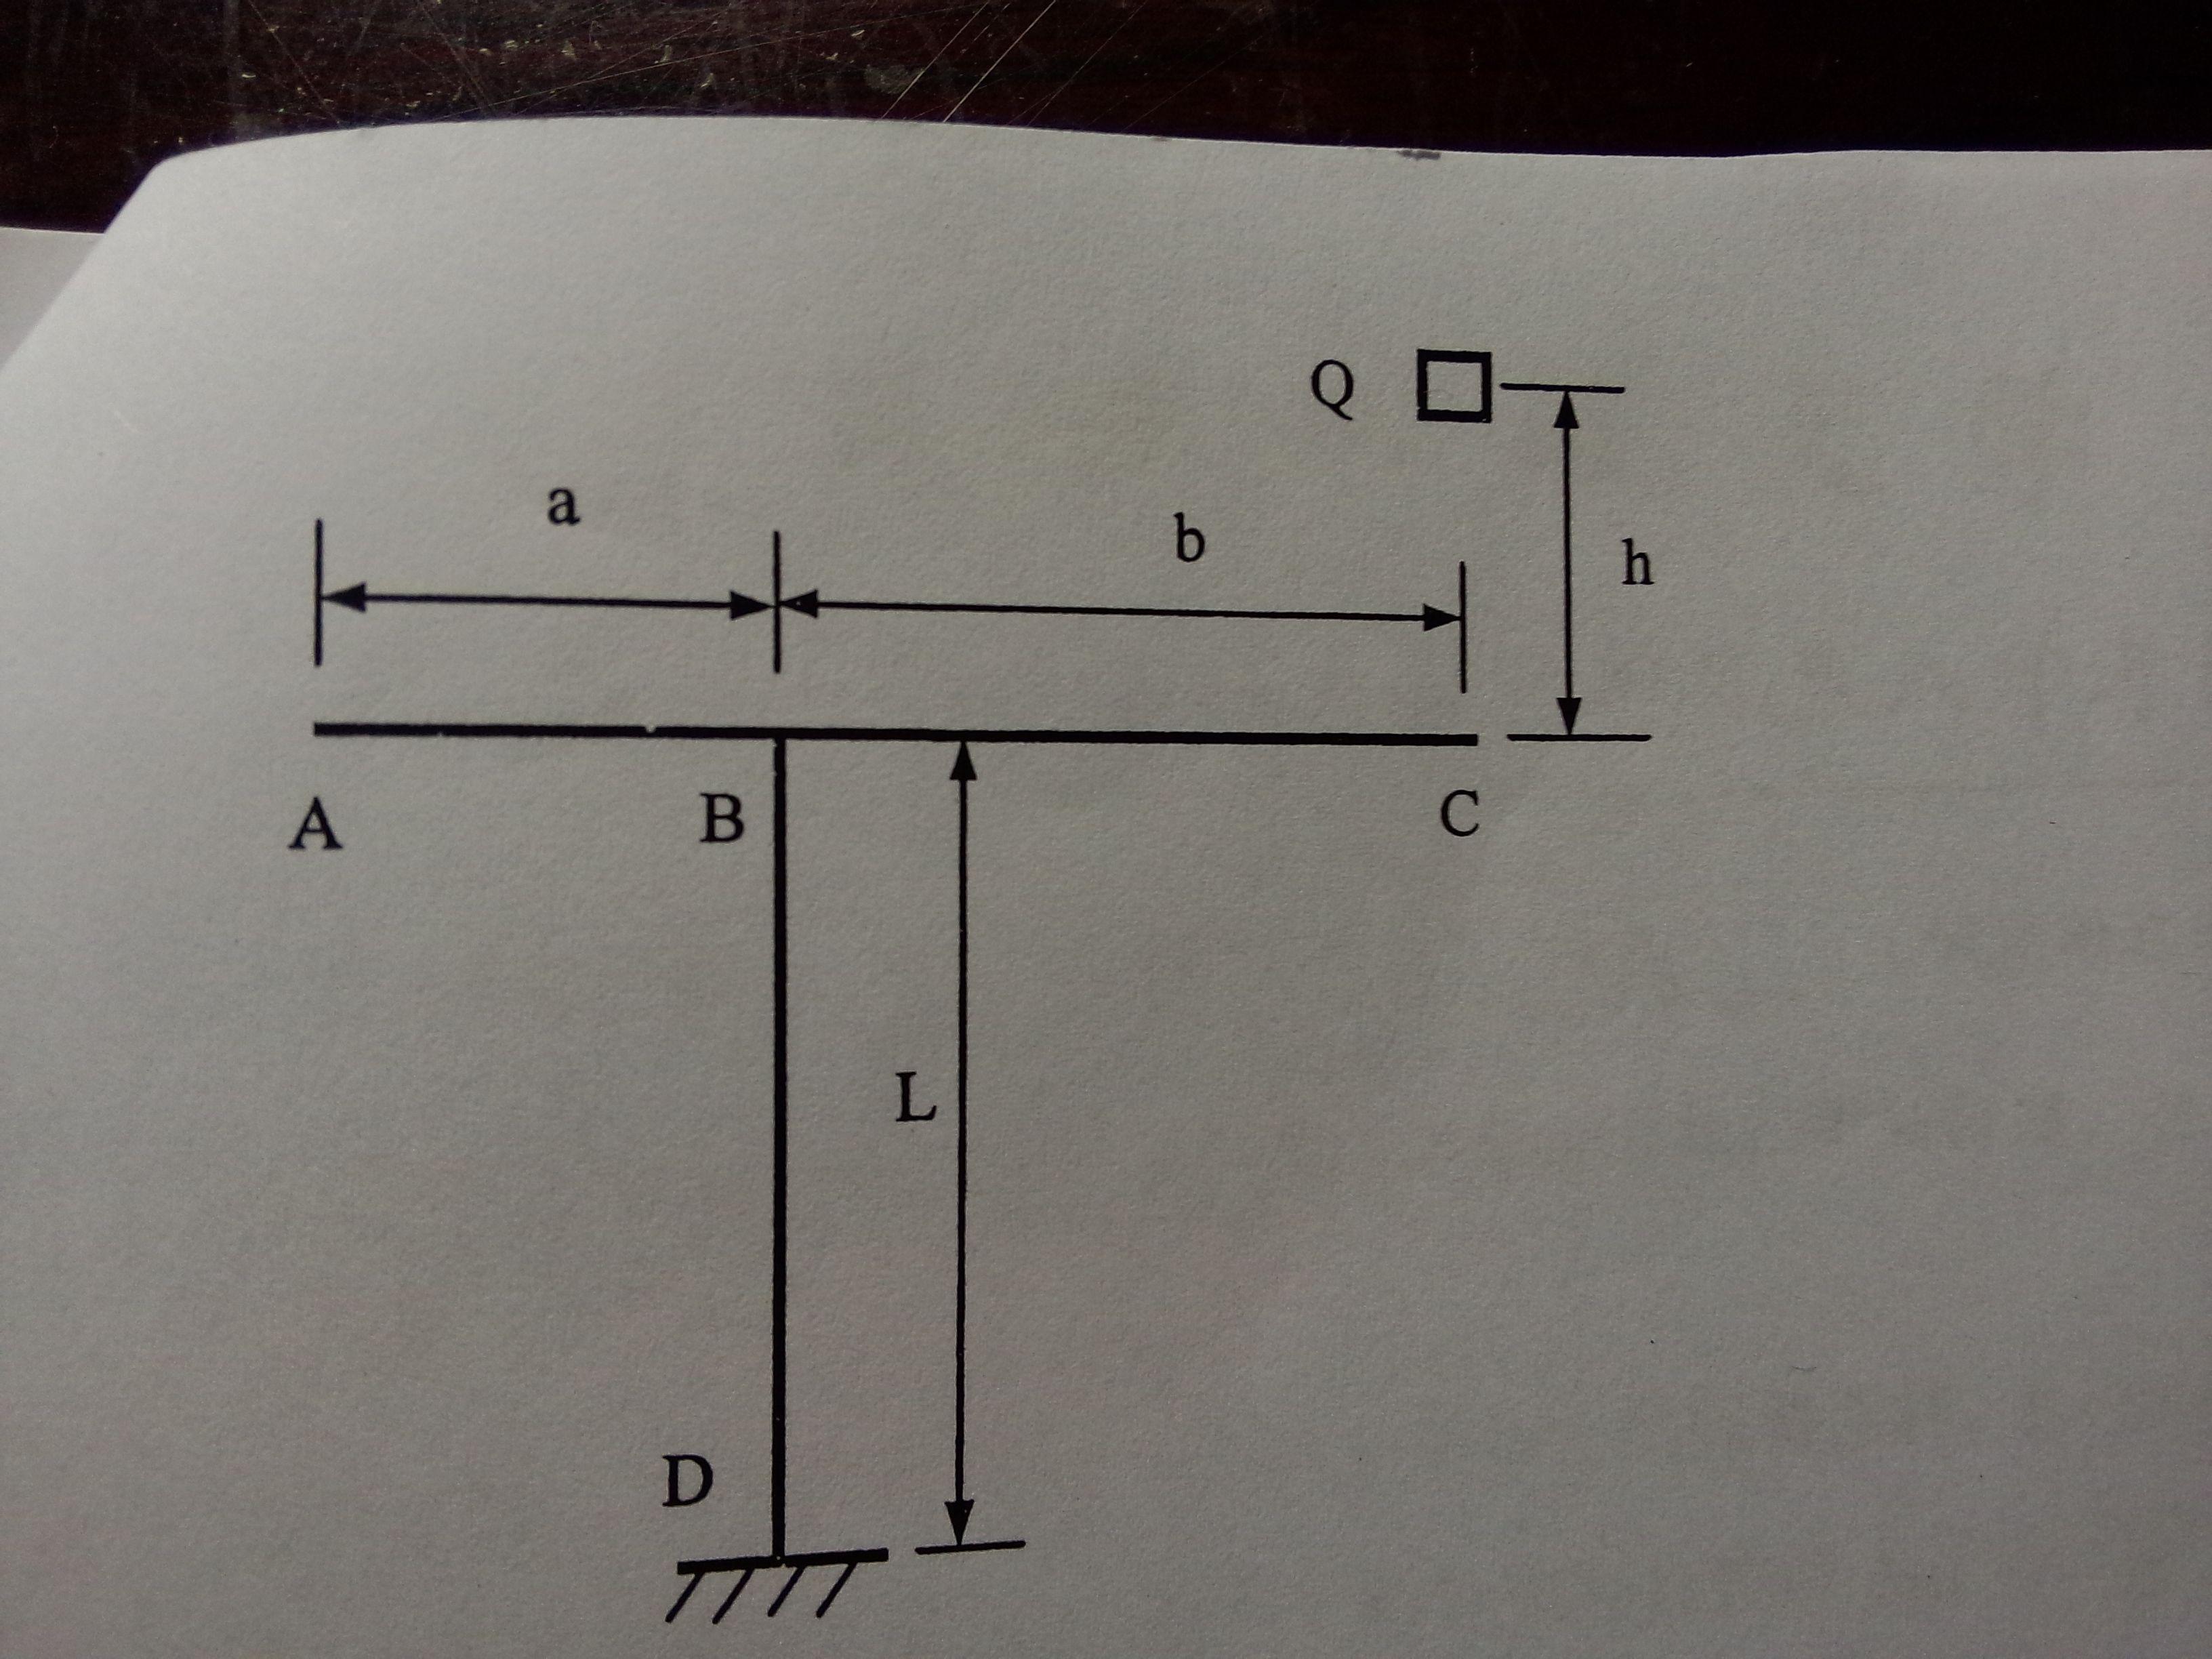 材料力学泊松比公式-材料力学公式|材料力学挠度计算公式|材料力学挠度公式|材料力学剪应力公式